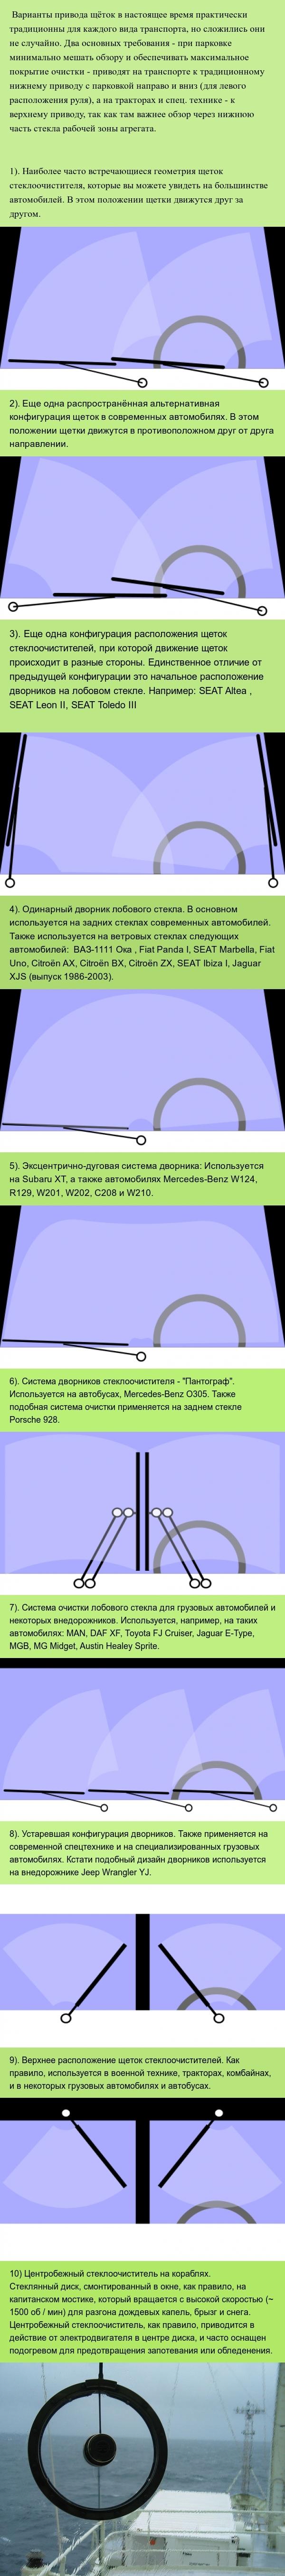 Схемы расположения и движения стеклочистителей Автомобильные дворники, Авто, Длиннопост